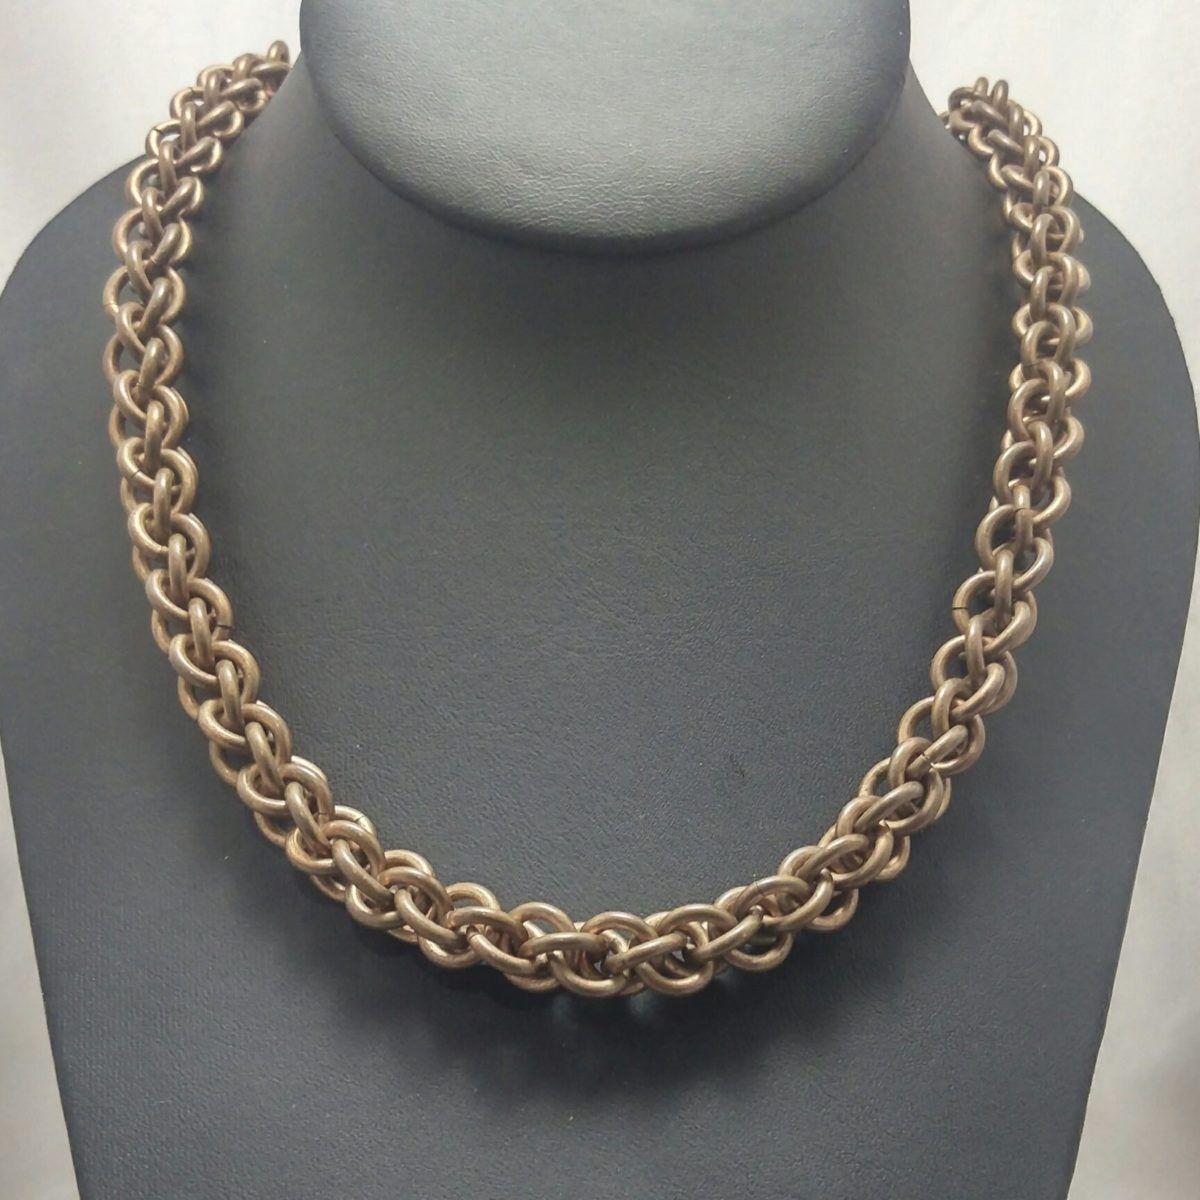 Jens pind linkage necklace u addisonus jewelry u design jewelry